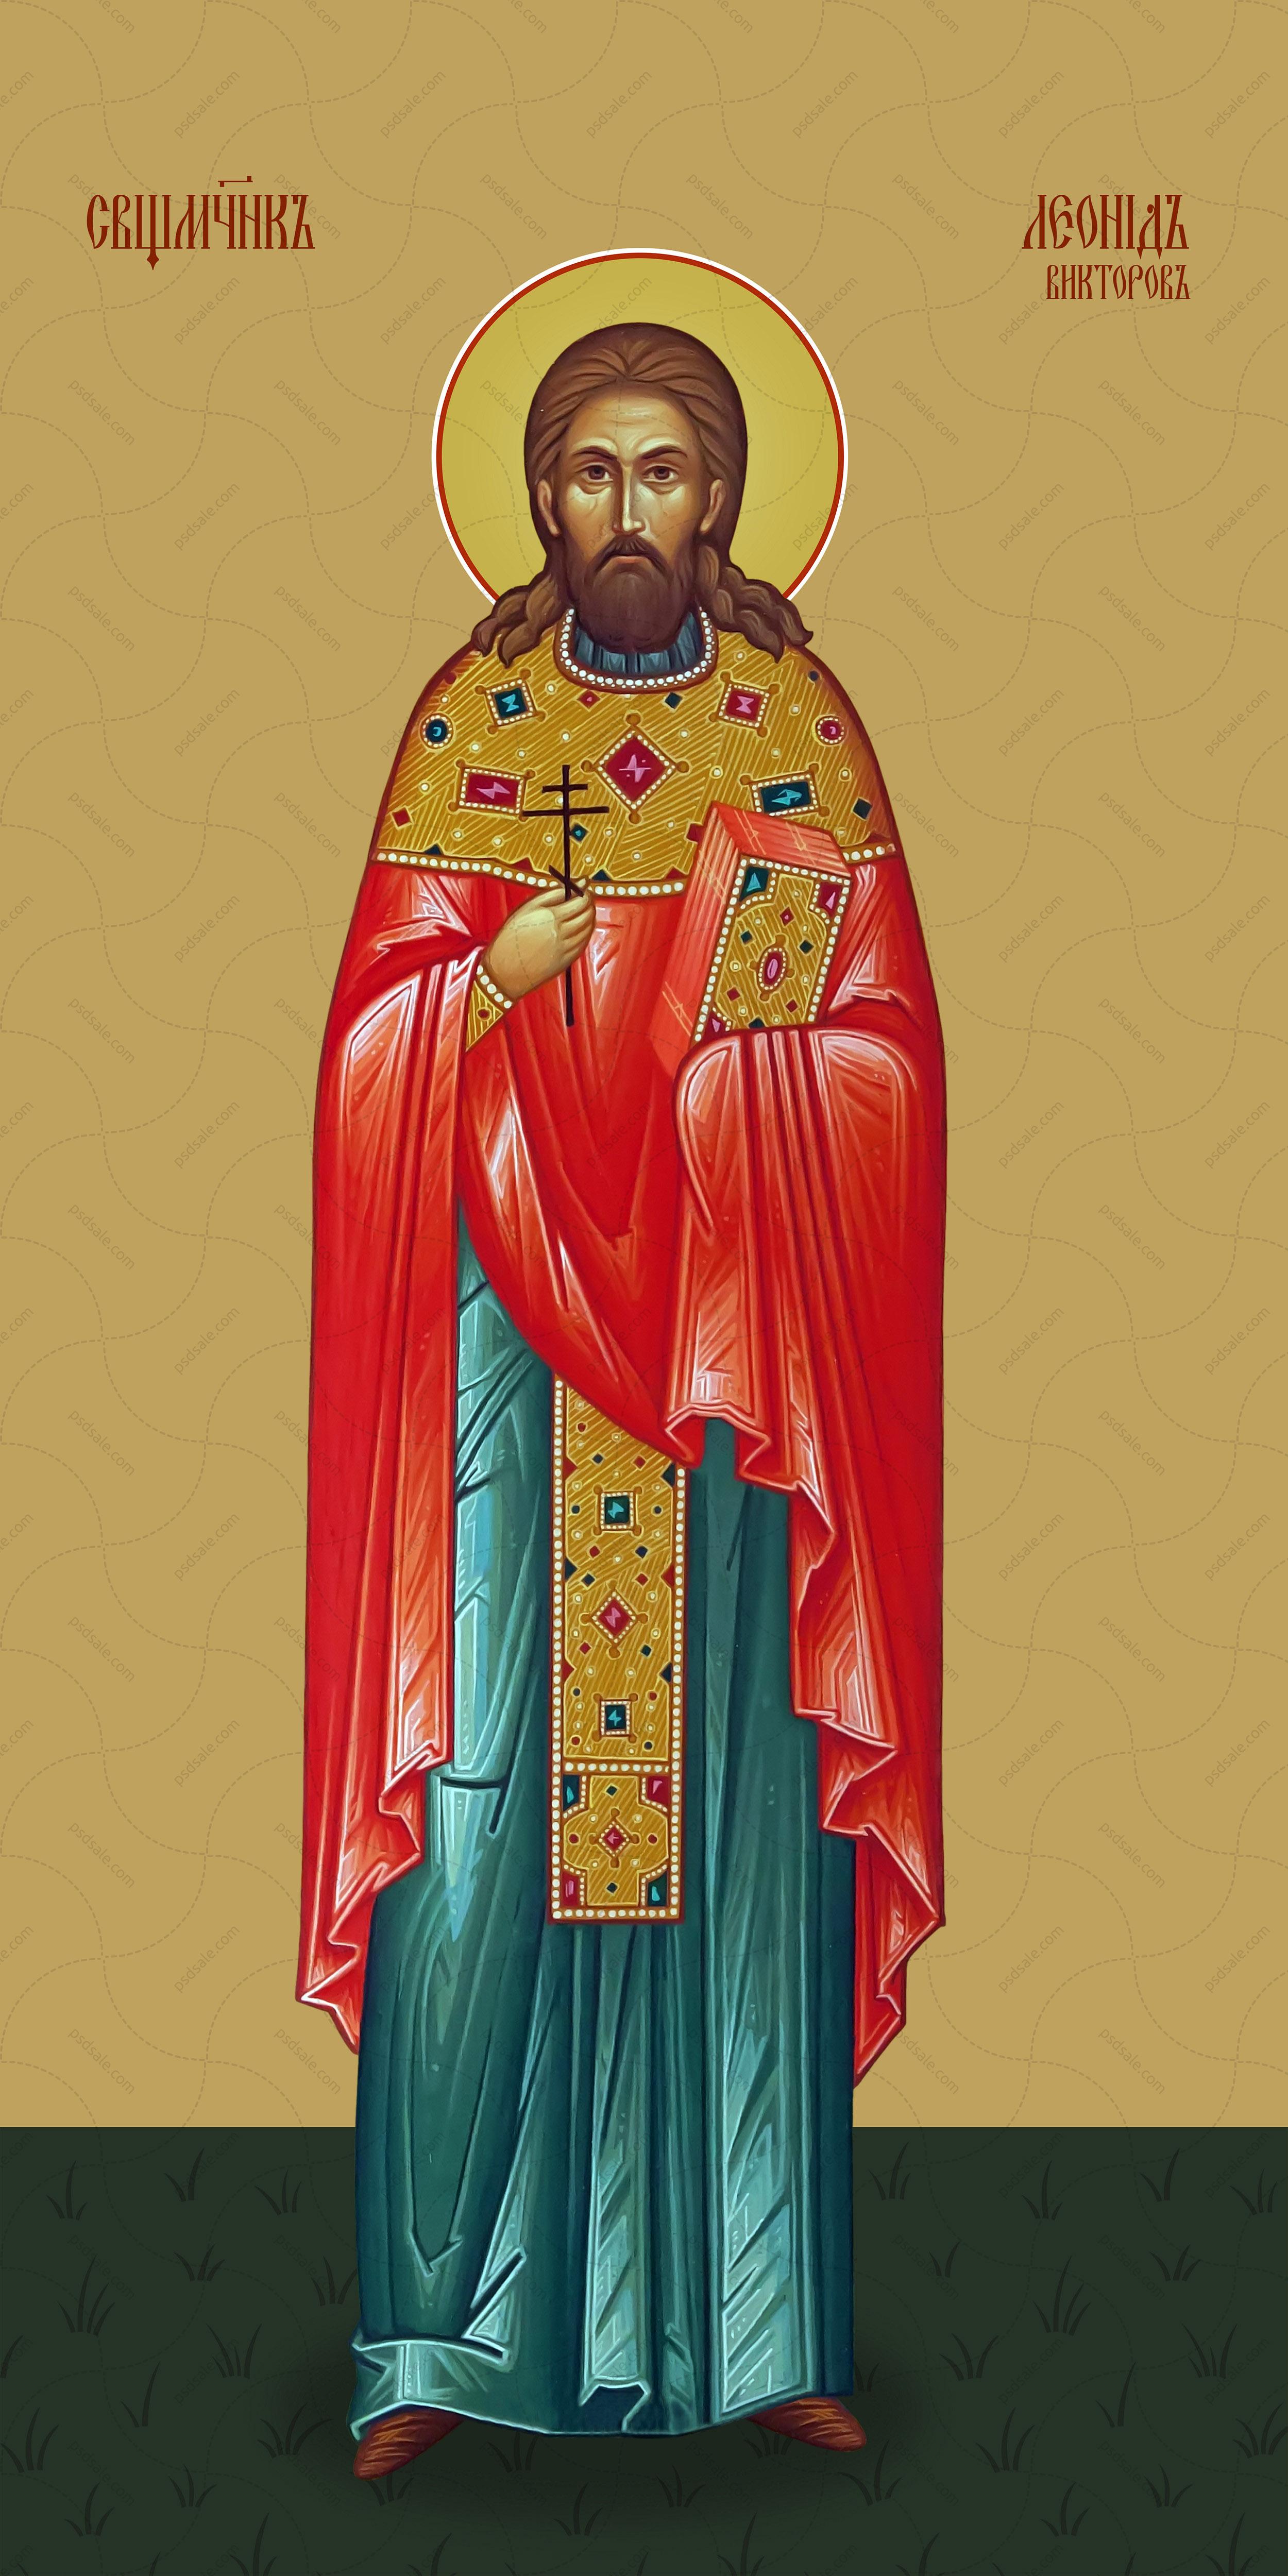 Мерная икона, Леонид Викторов, священномученик